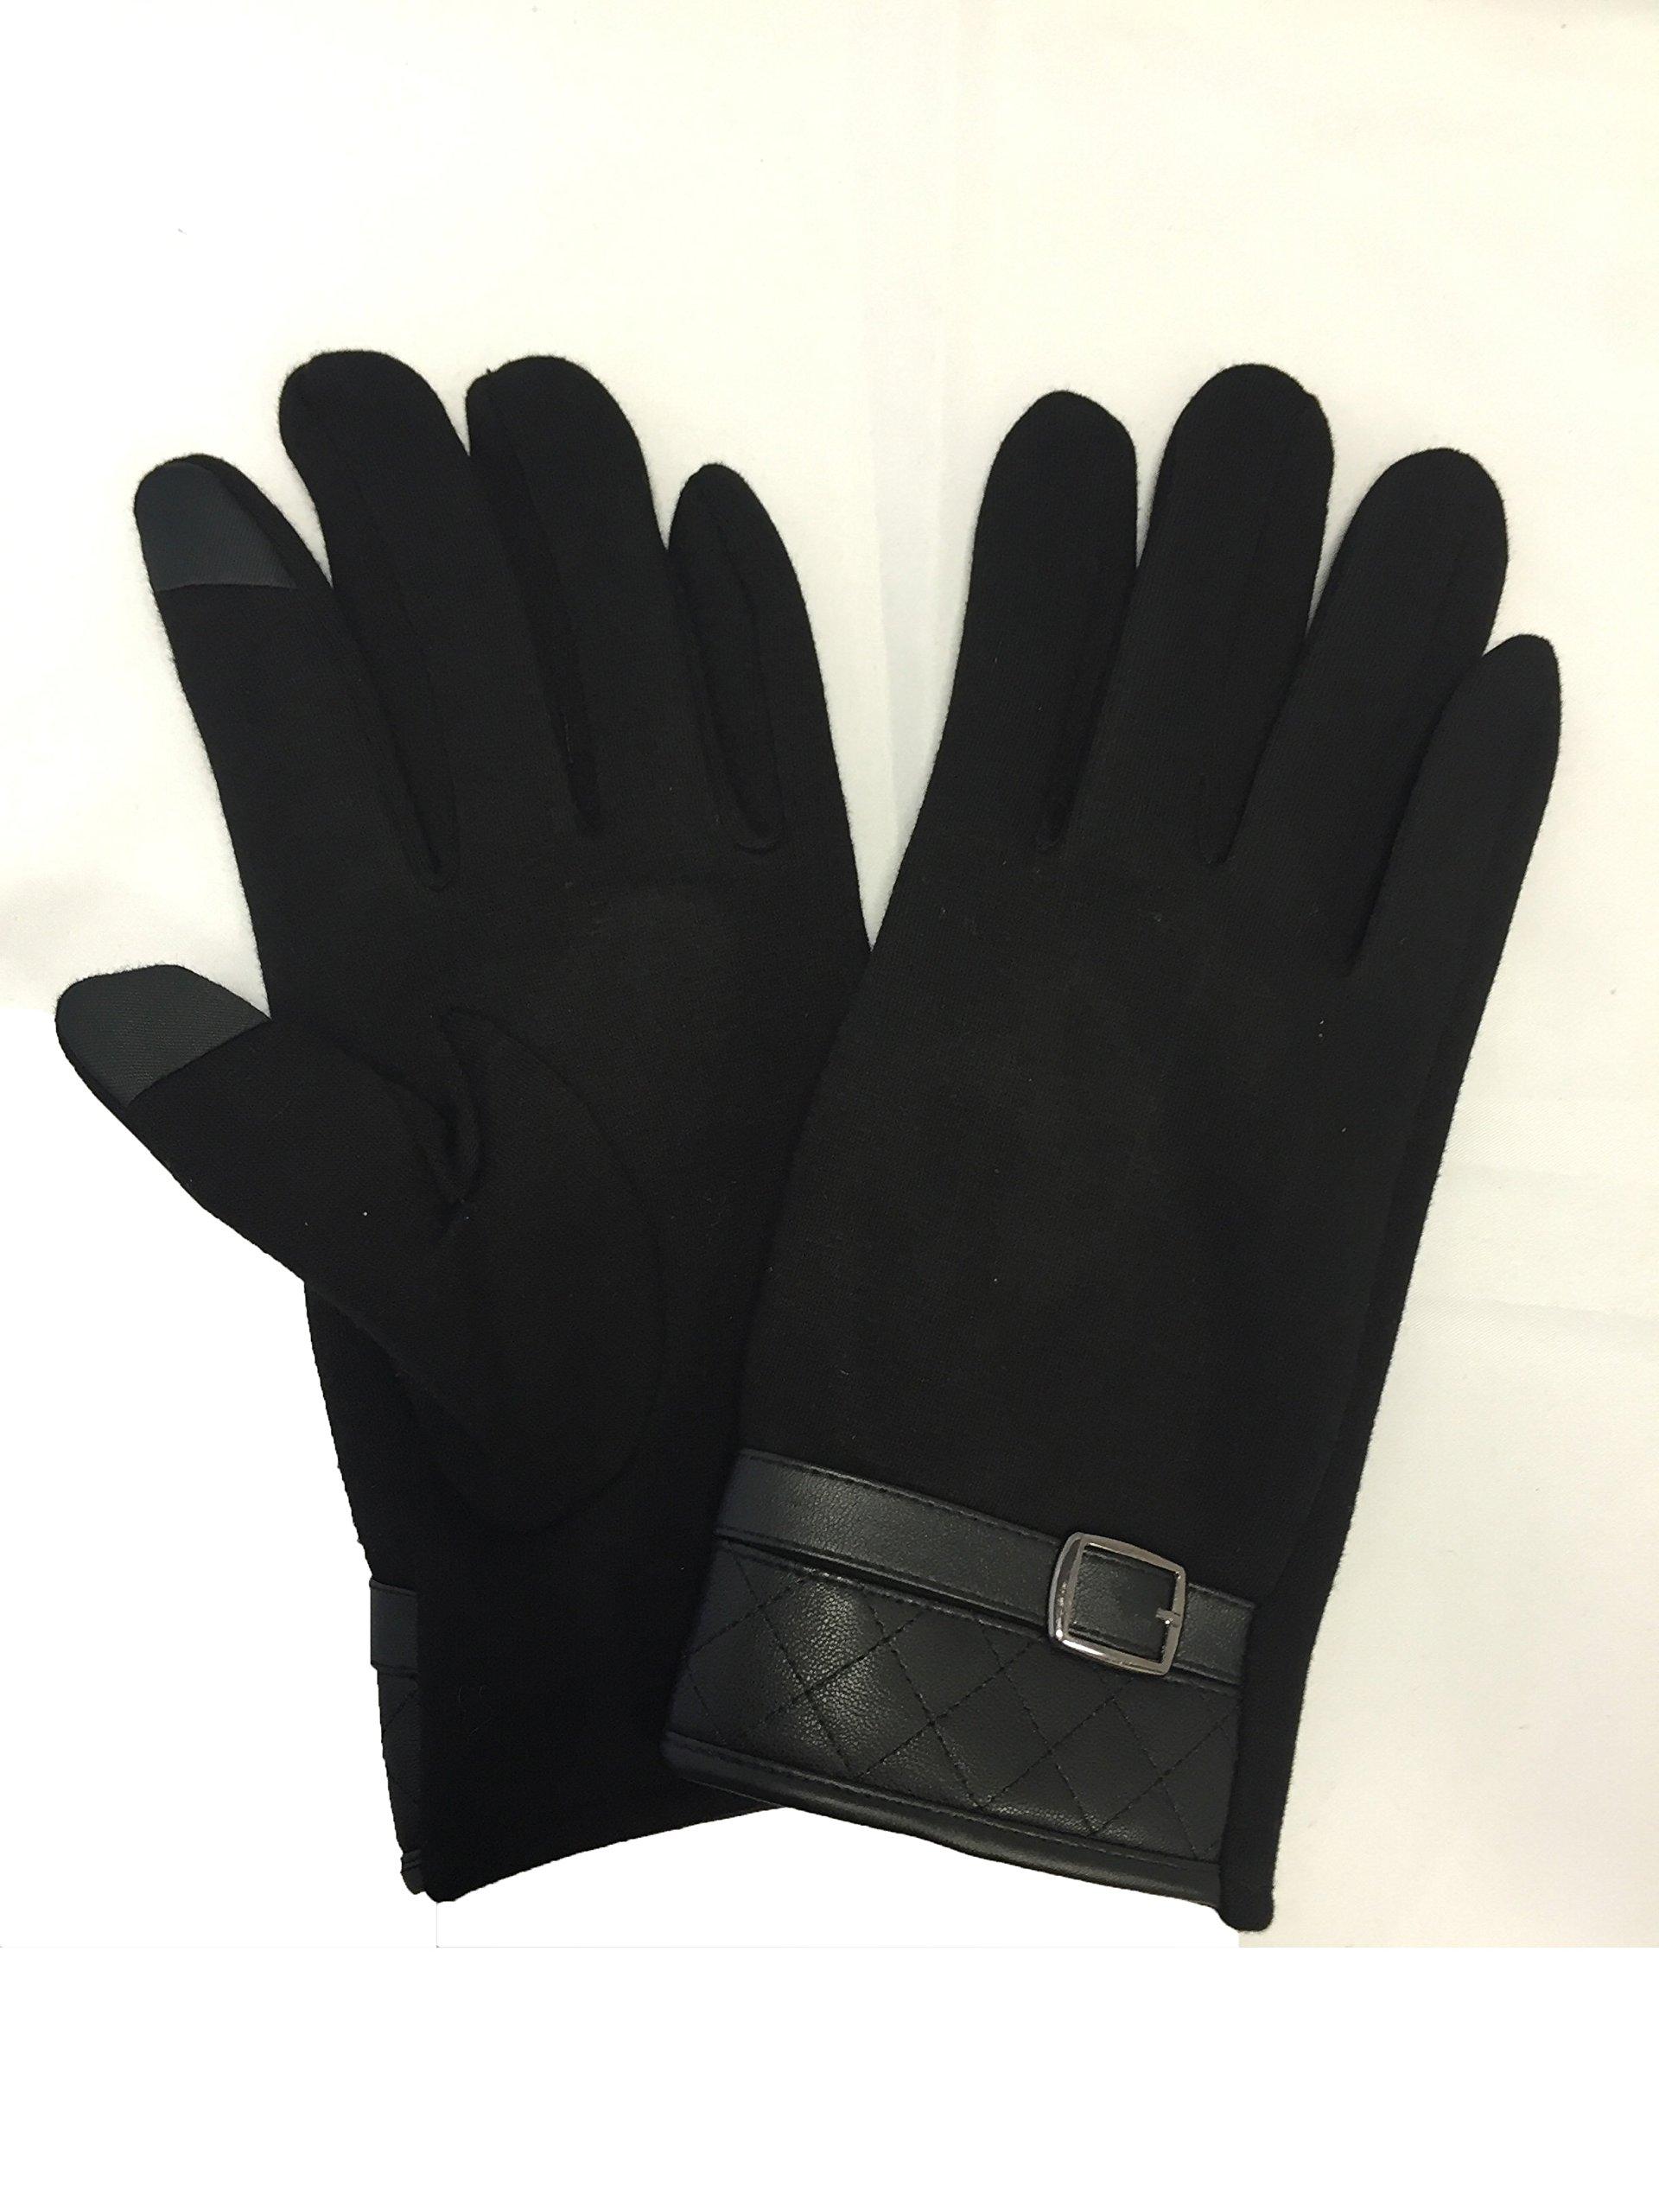 Guantes táctiles para pantalla táctil (algodón, negro: Amazon.es: Electrónica